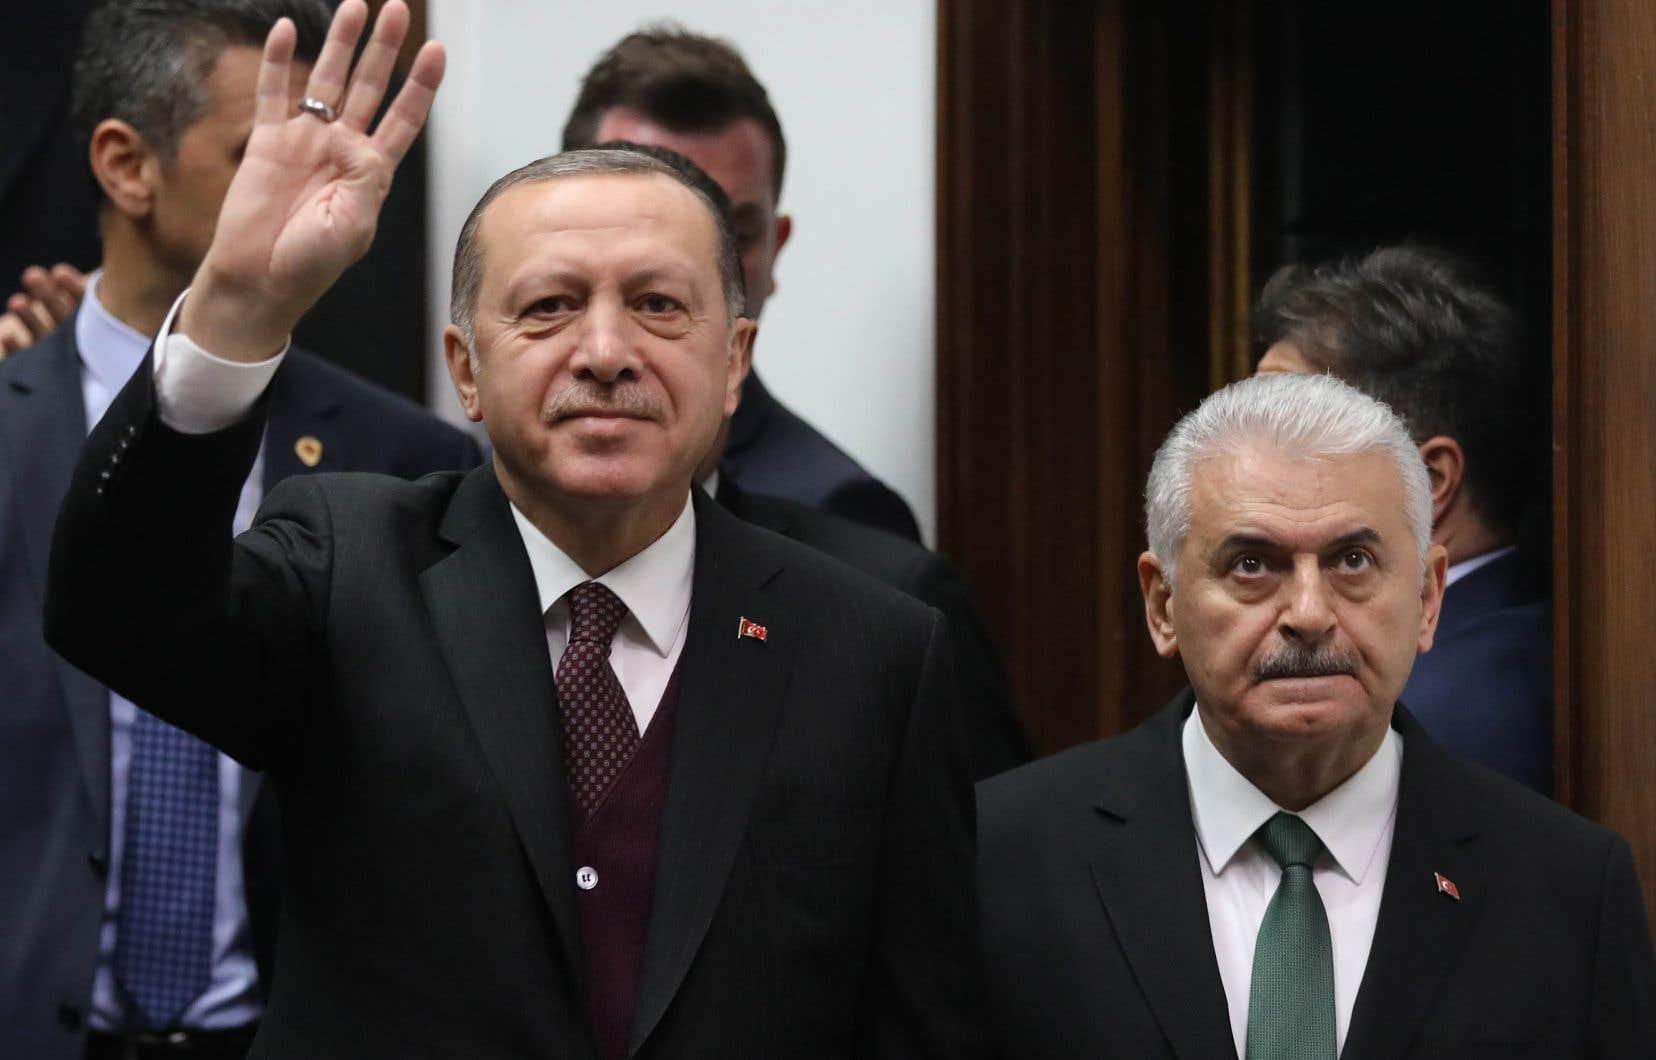 Sous un nouveau système présidentiel qui entrera en vigueur lundi, l'ensemble des pouvoirs exécutifs revient au président,Recep Tayyip Erdogan, qui pourra notamment promulguer des décrets présidentiels.